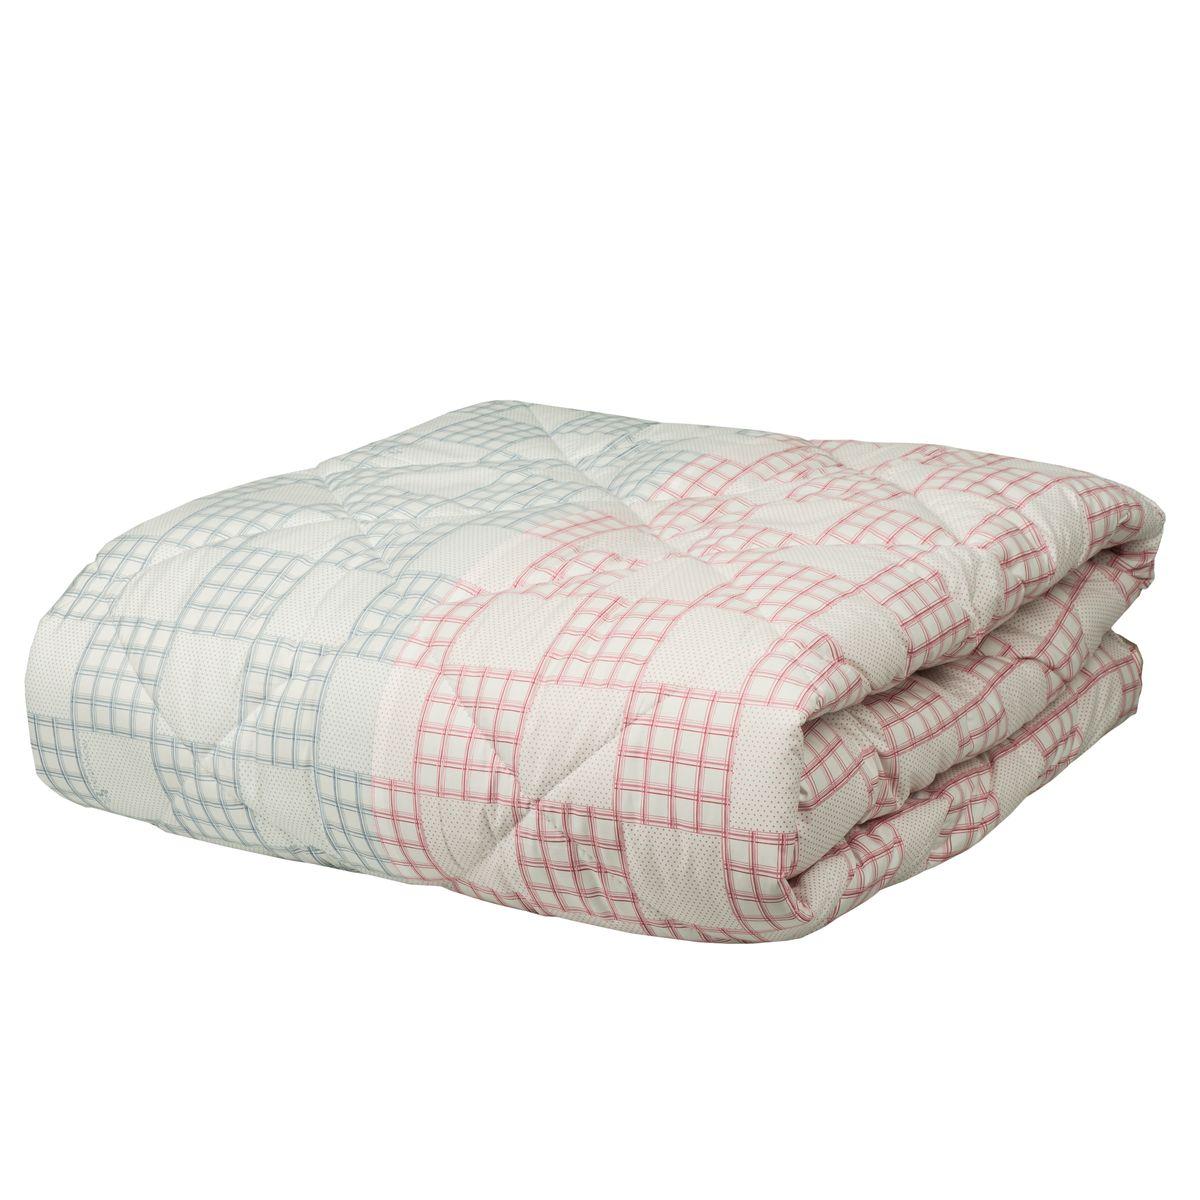 Одеяло Mona Liza Chalet Climat Control, цвет: серый, розовый, 170 х 200 см539938/1Одеяло Mona Liza Chalet Climat Control изготовлено из плотного тика, с отделочным кантом. Одновременно имеет две зоны температурного режима, поскольку наполнитель состоит из двух частей: одна половина изделия более теплая, содержит волокна натуральной шерсти, а вторая половина одеяла прохладная - так как наполнена натуральными растительными волокнами. Такое одеяло сделает спальное место уютным и подарит ощущение комфорта.